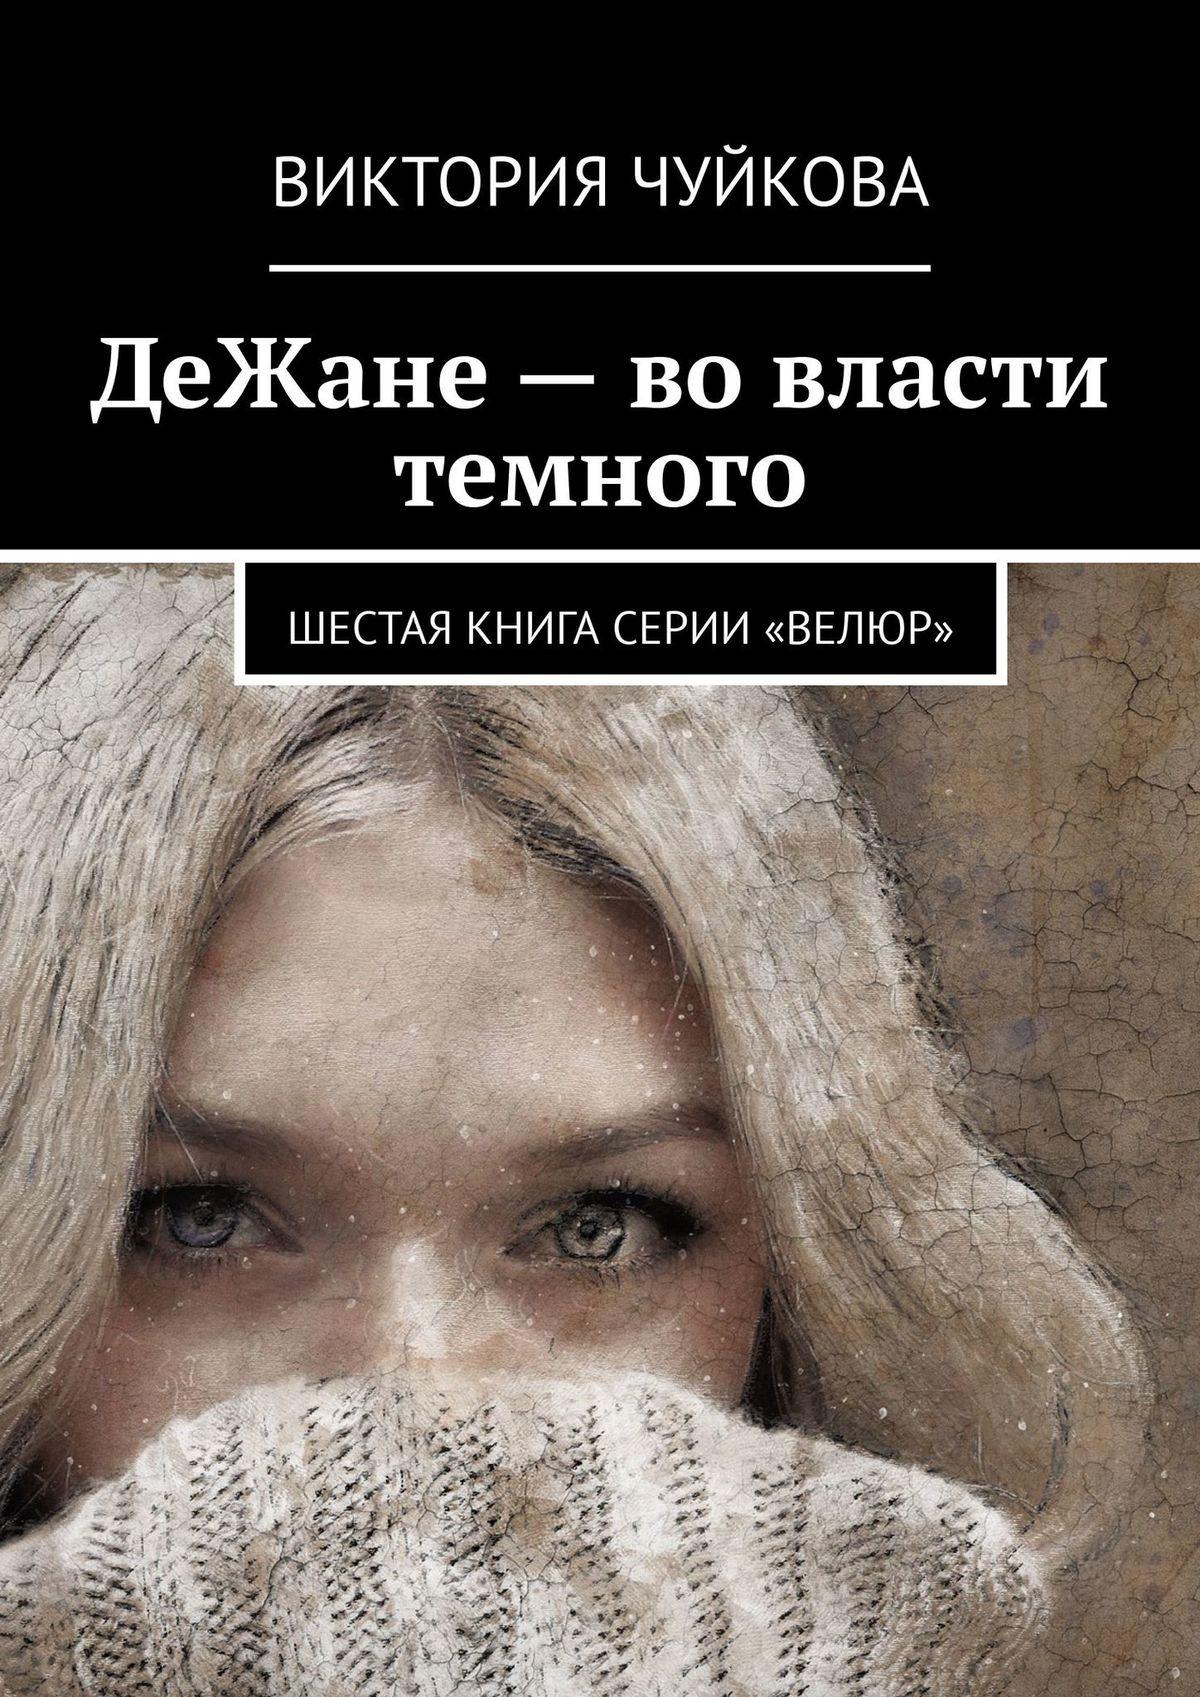 Виктория Чуйкова ДеЖане– вовласти темного. Шестая книга серии «ВеЛюр» горсть